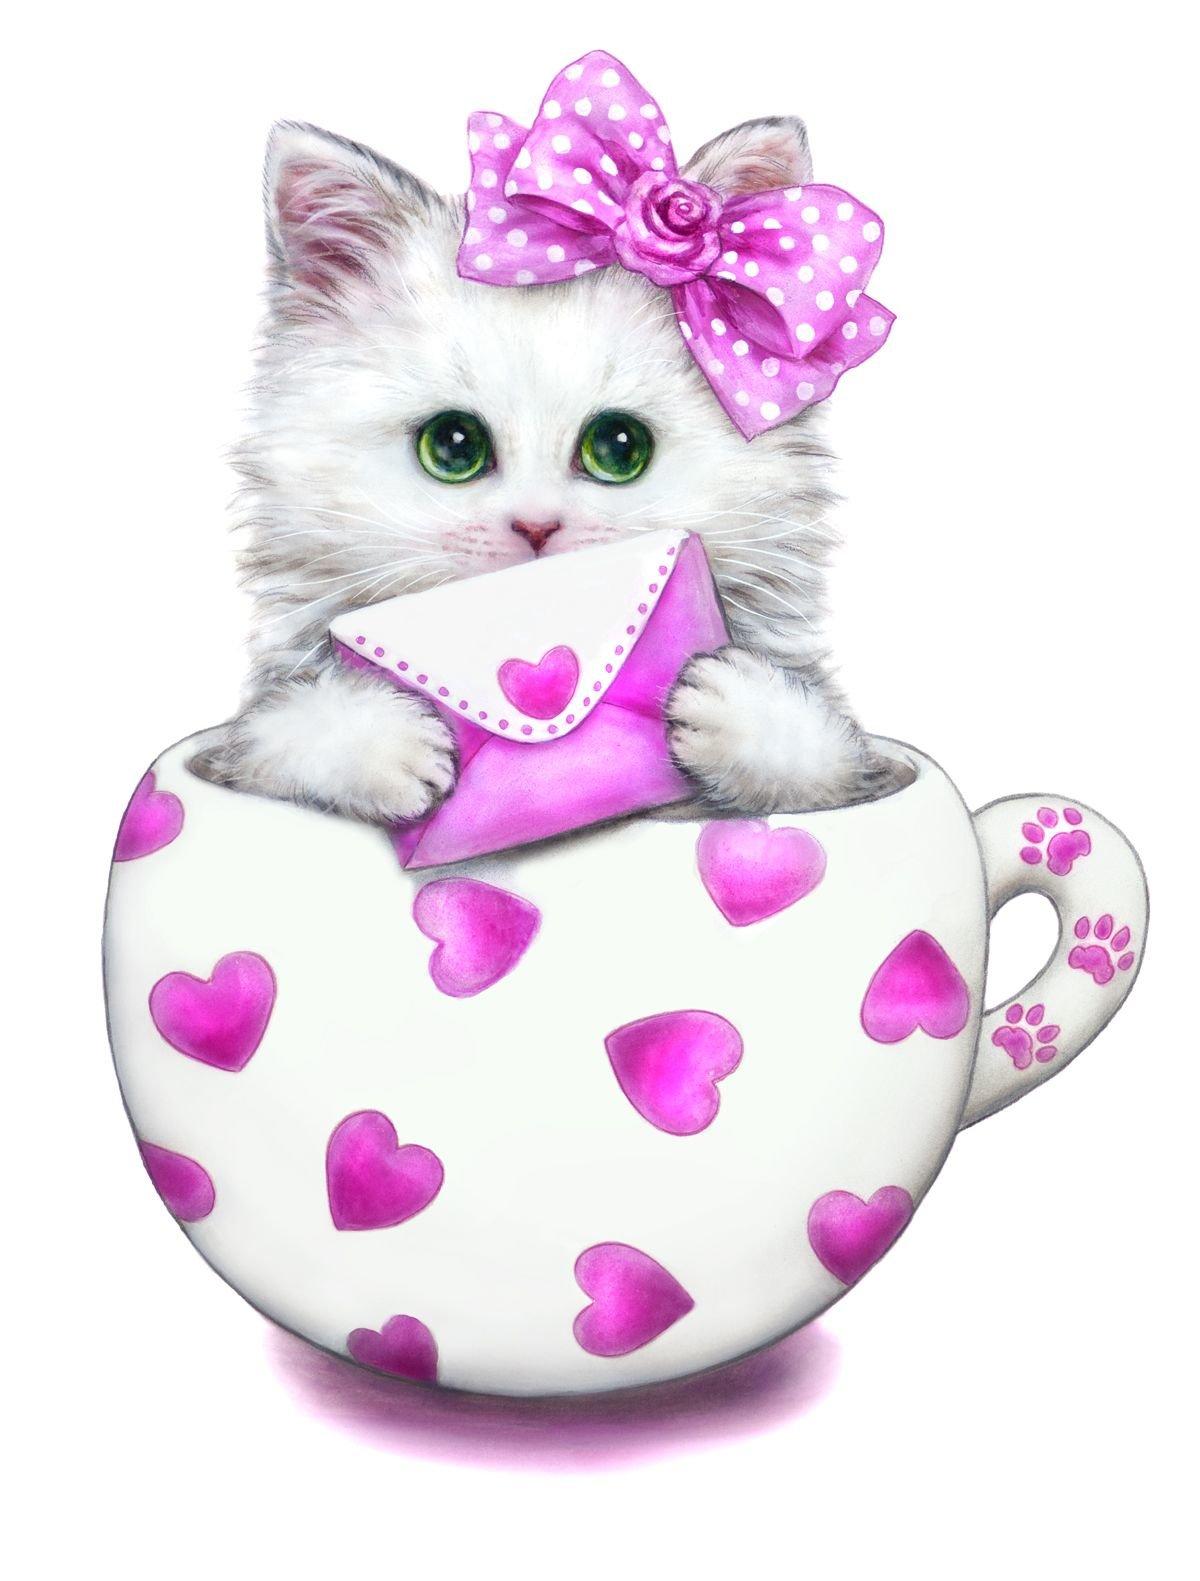 Открытки с сердечками и котятами, факты животных